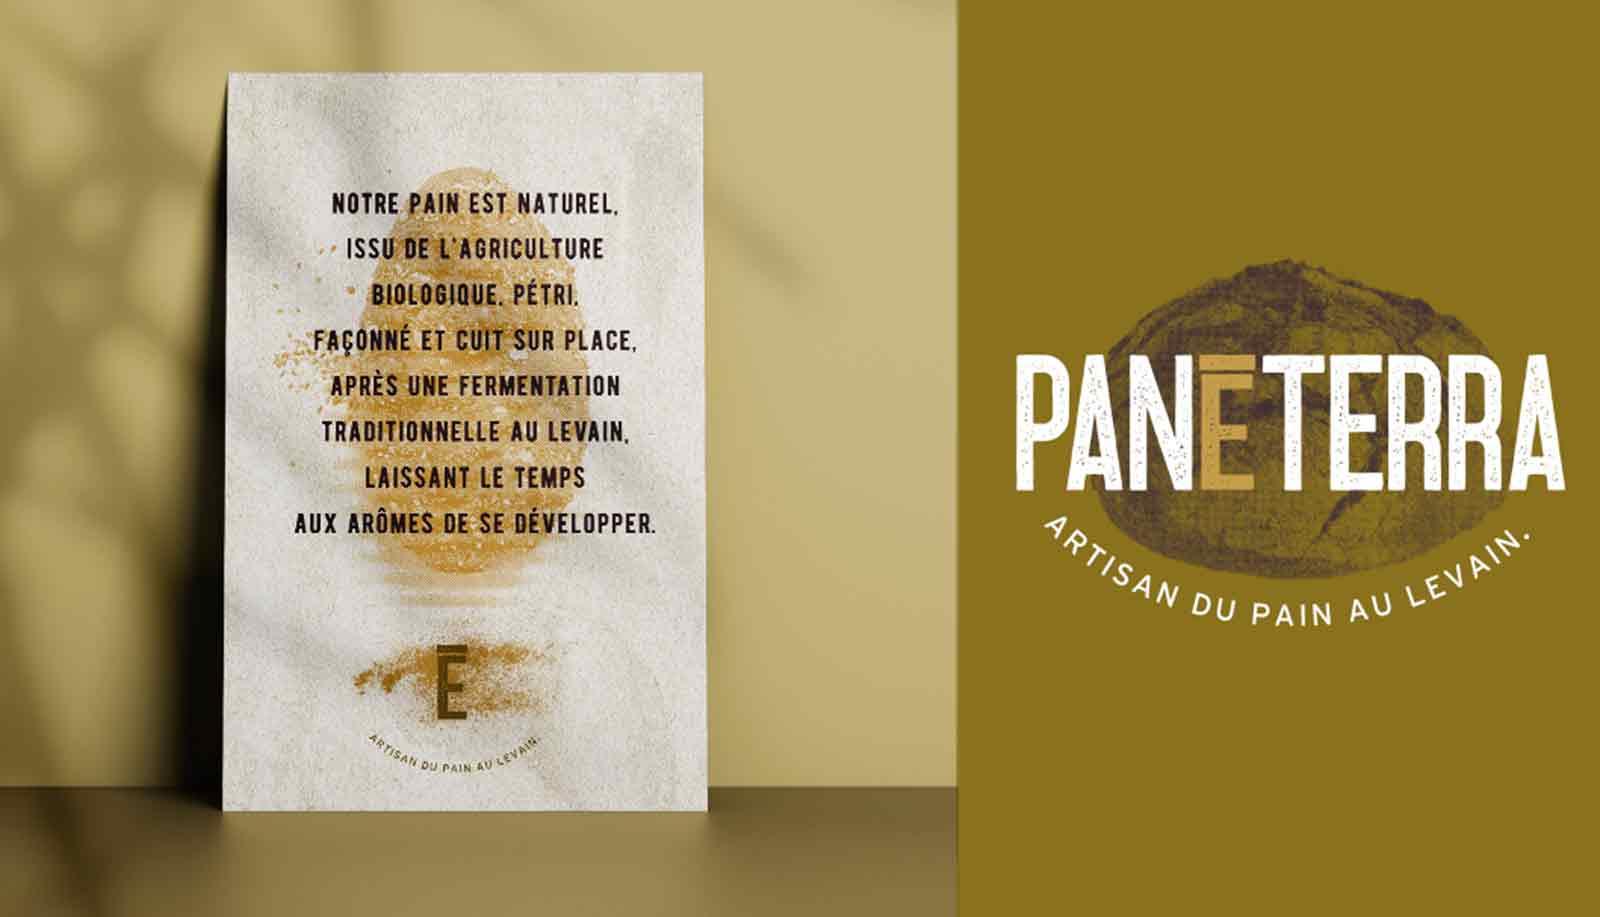 Boulangerie Panettera